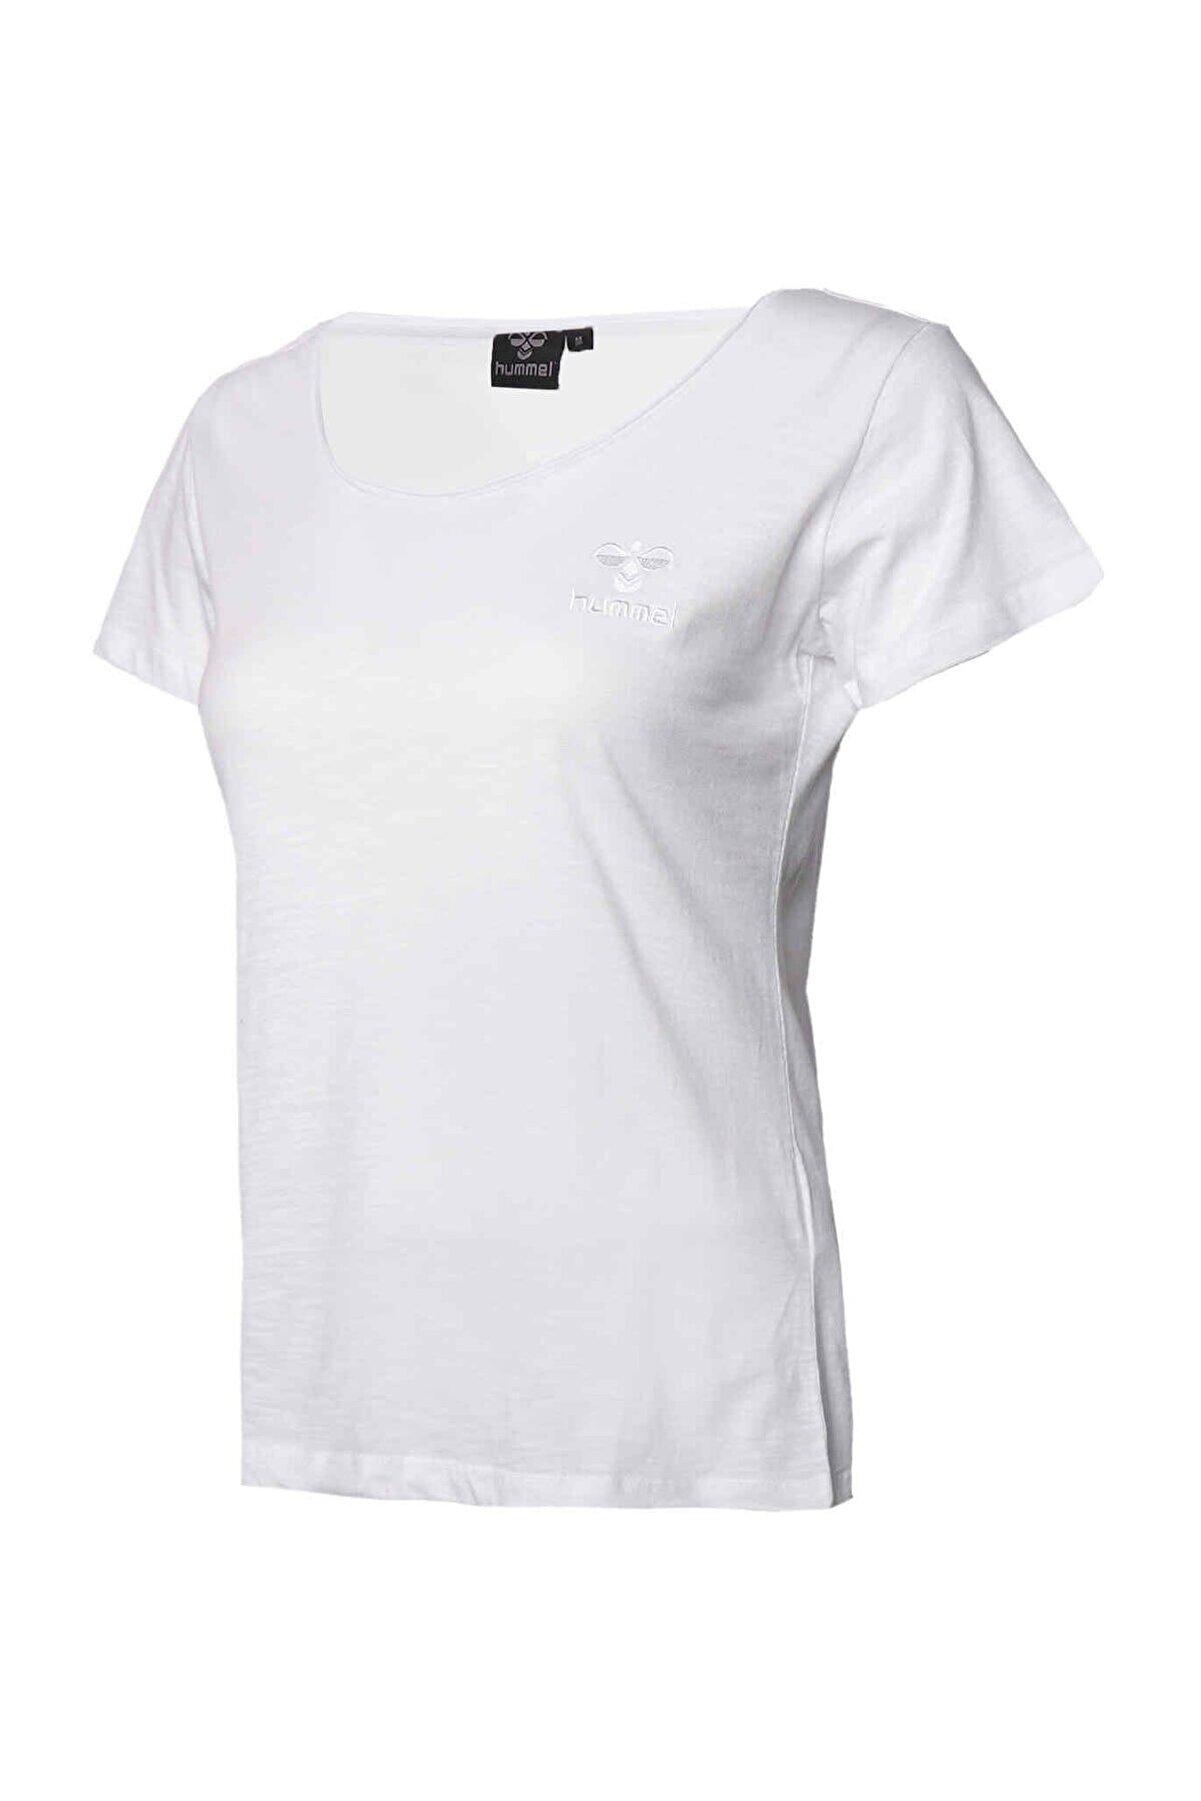 HUMMEL Kadın Spor T-Shirt - Hmlberta T-Shirt S/S